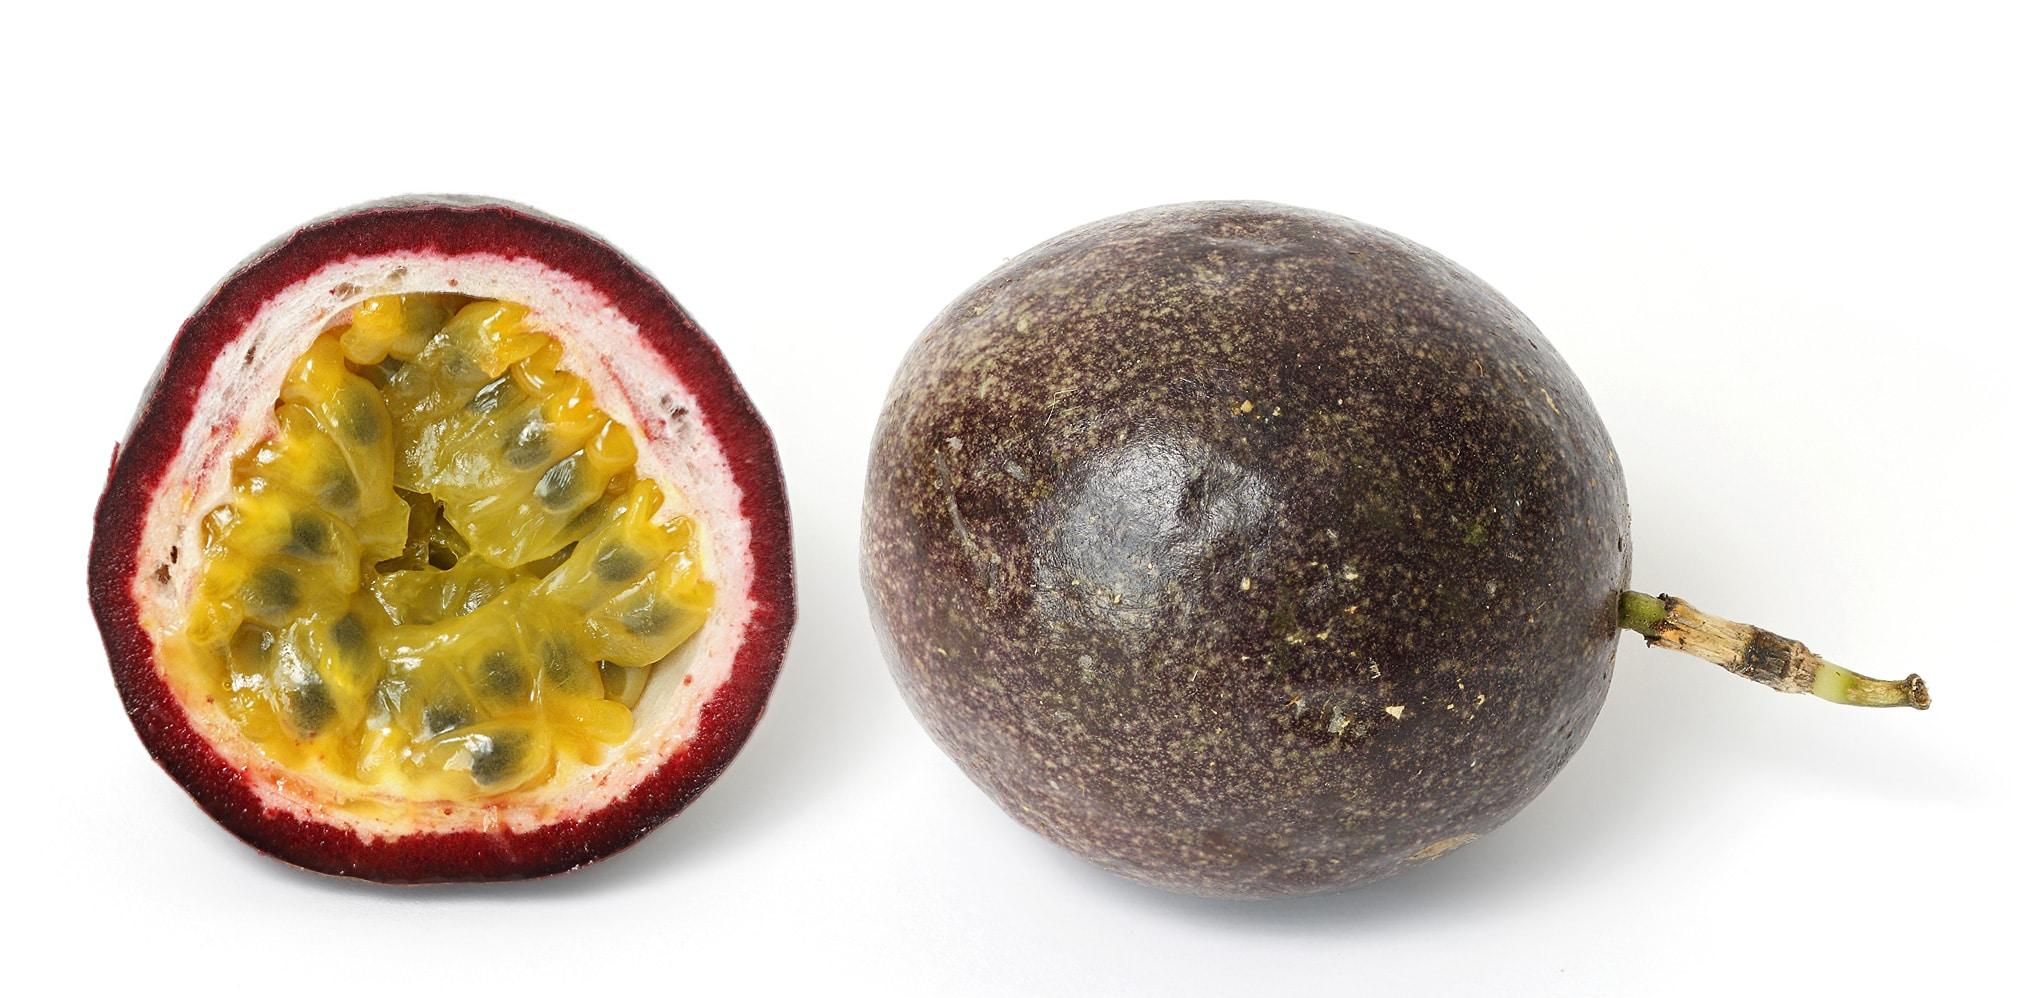 Passon Fruit Inside